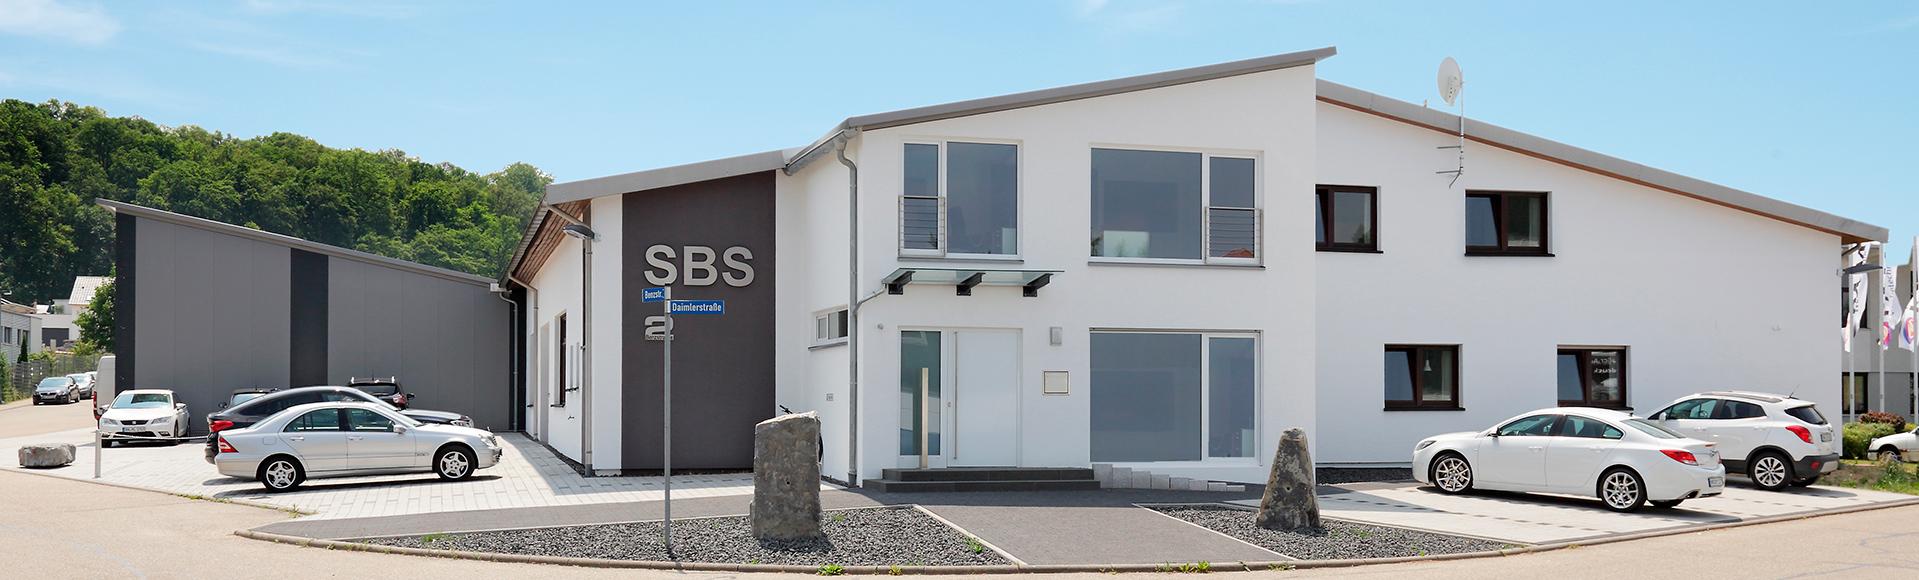 SBS Stanzteile Firmengebäude